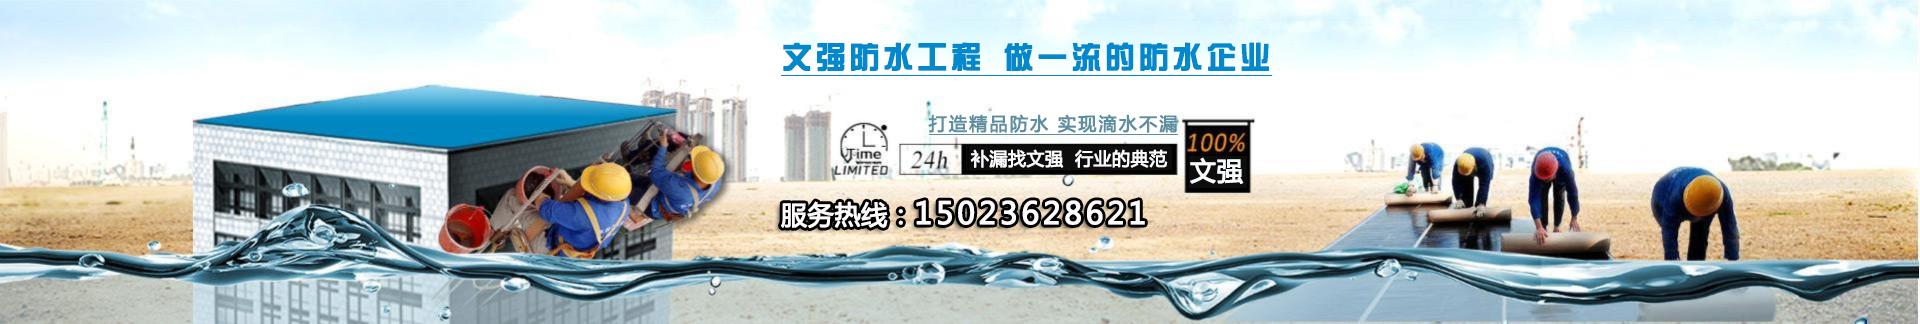 文强防水工程、做一流的防水企业:打造精品防水实现滴水不漏,补漏找文强行业的典范!24小时咨询热线:15023628621